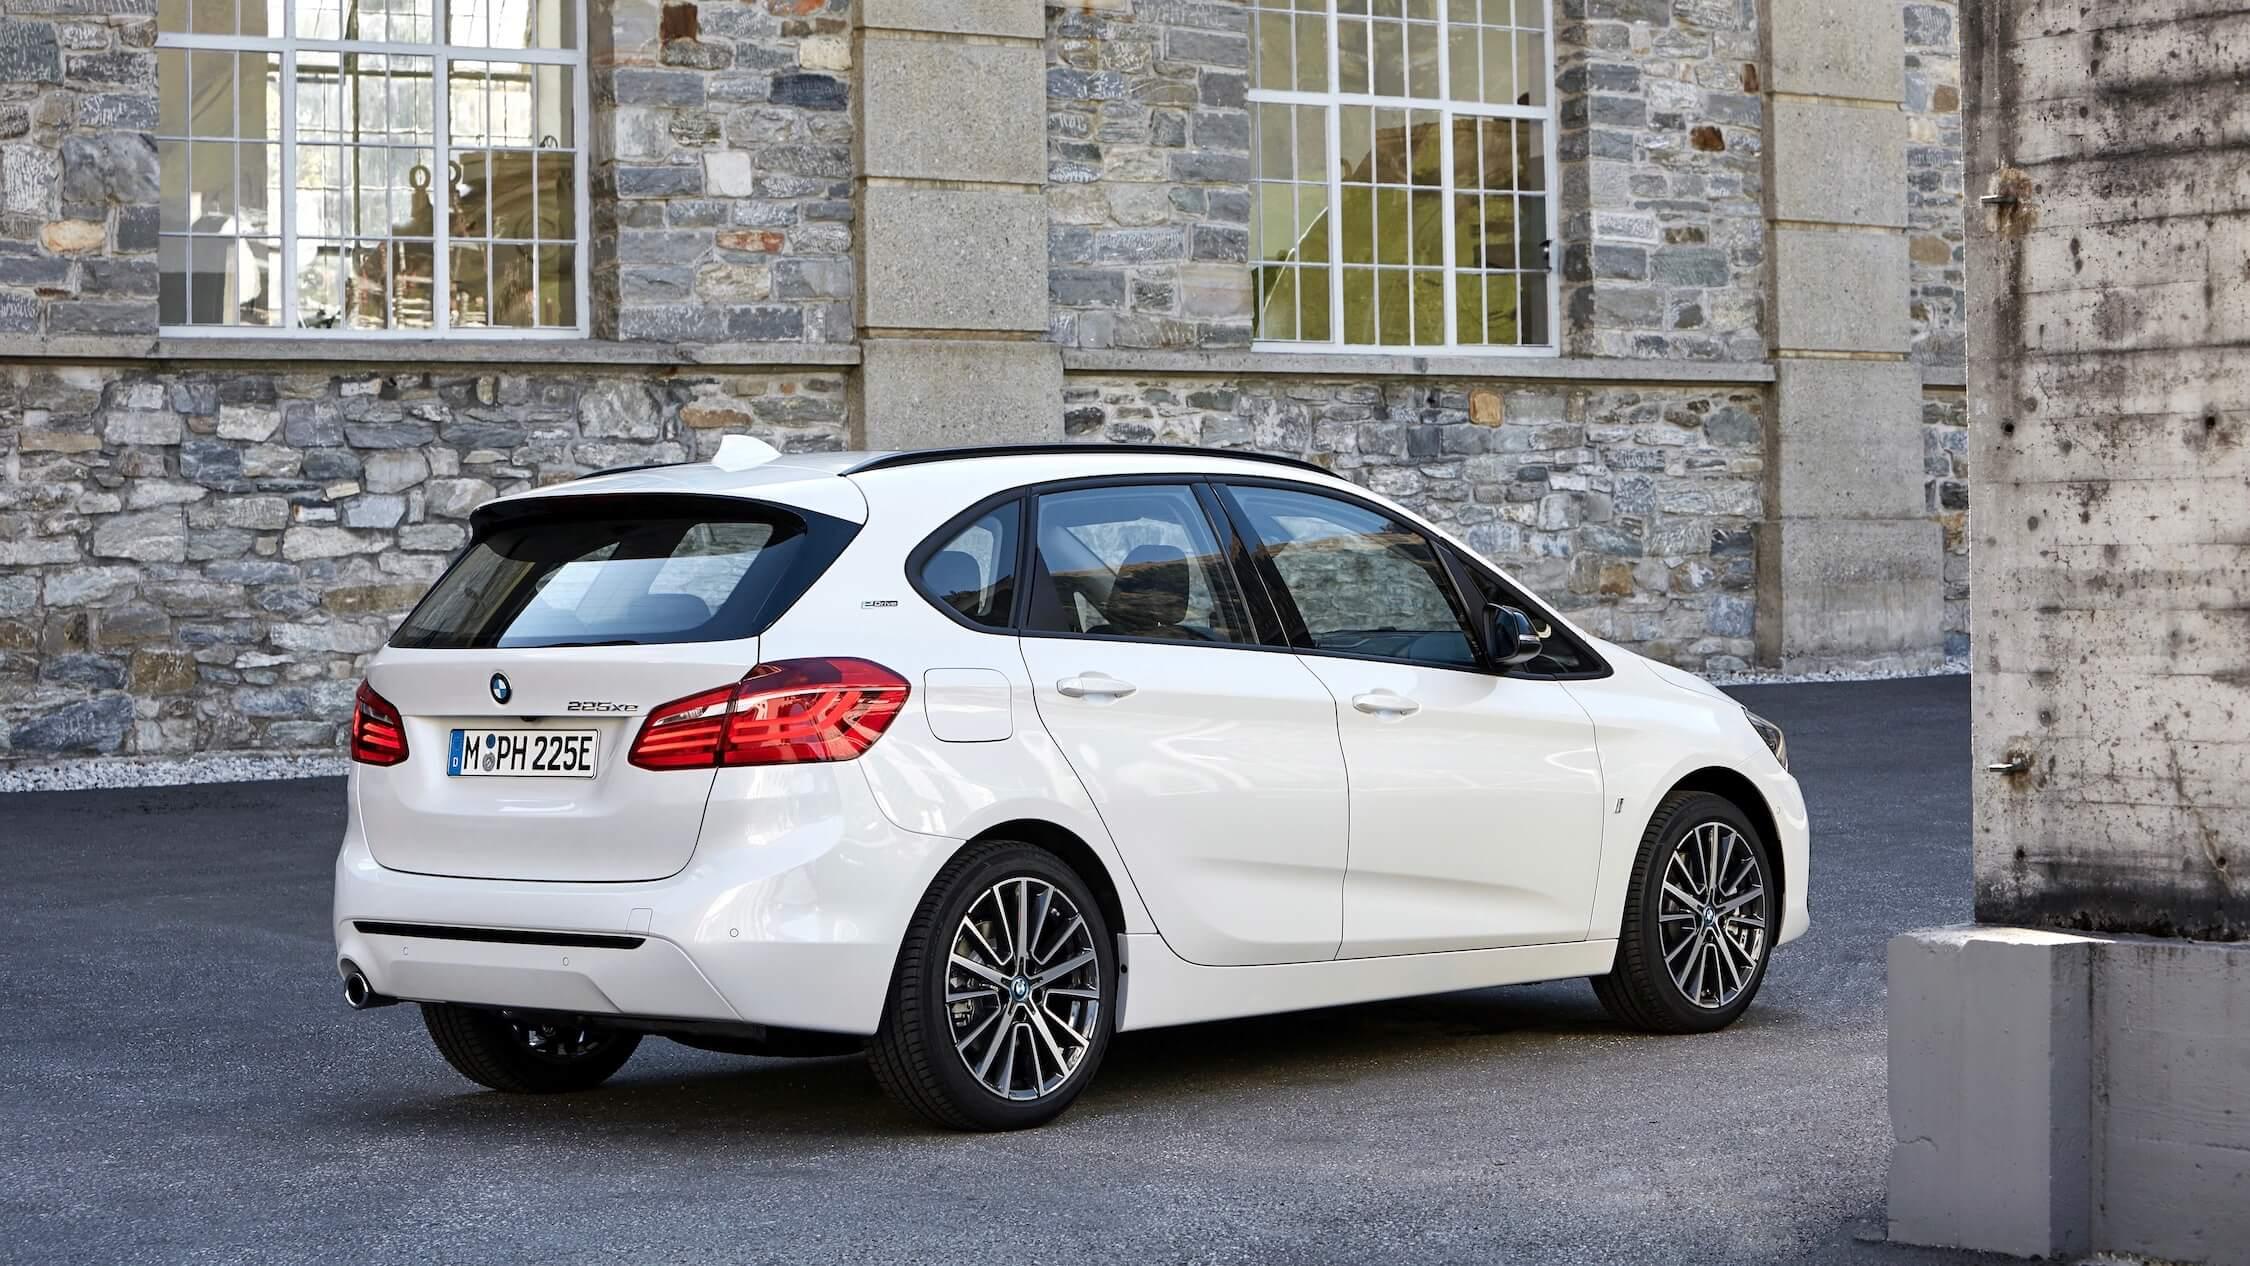 2019 BMW 225xe híbrido